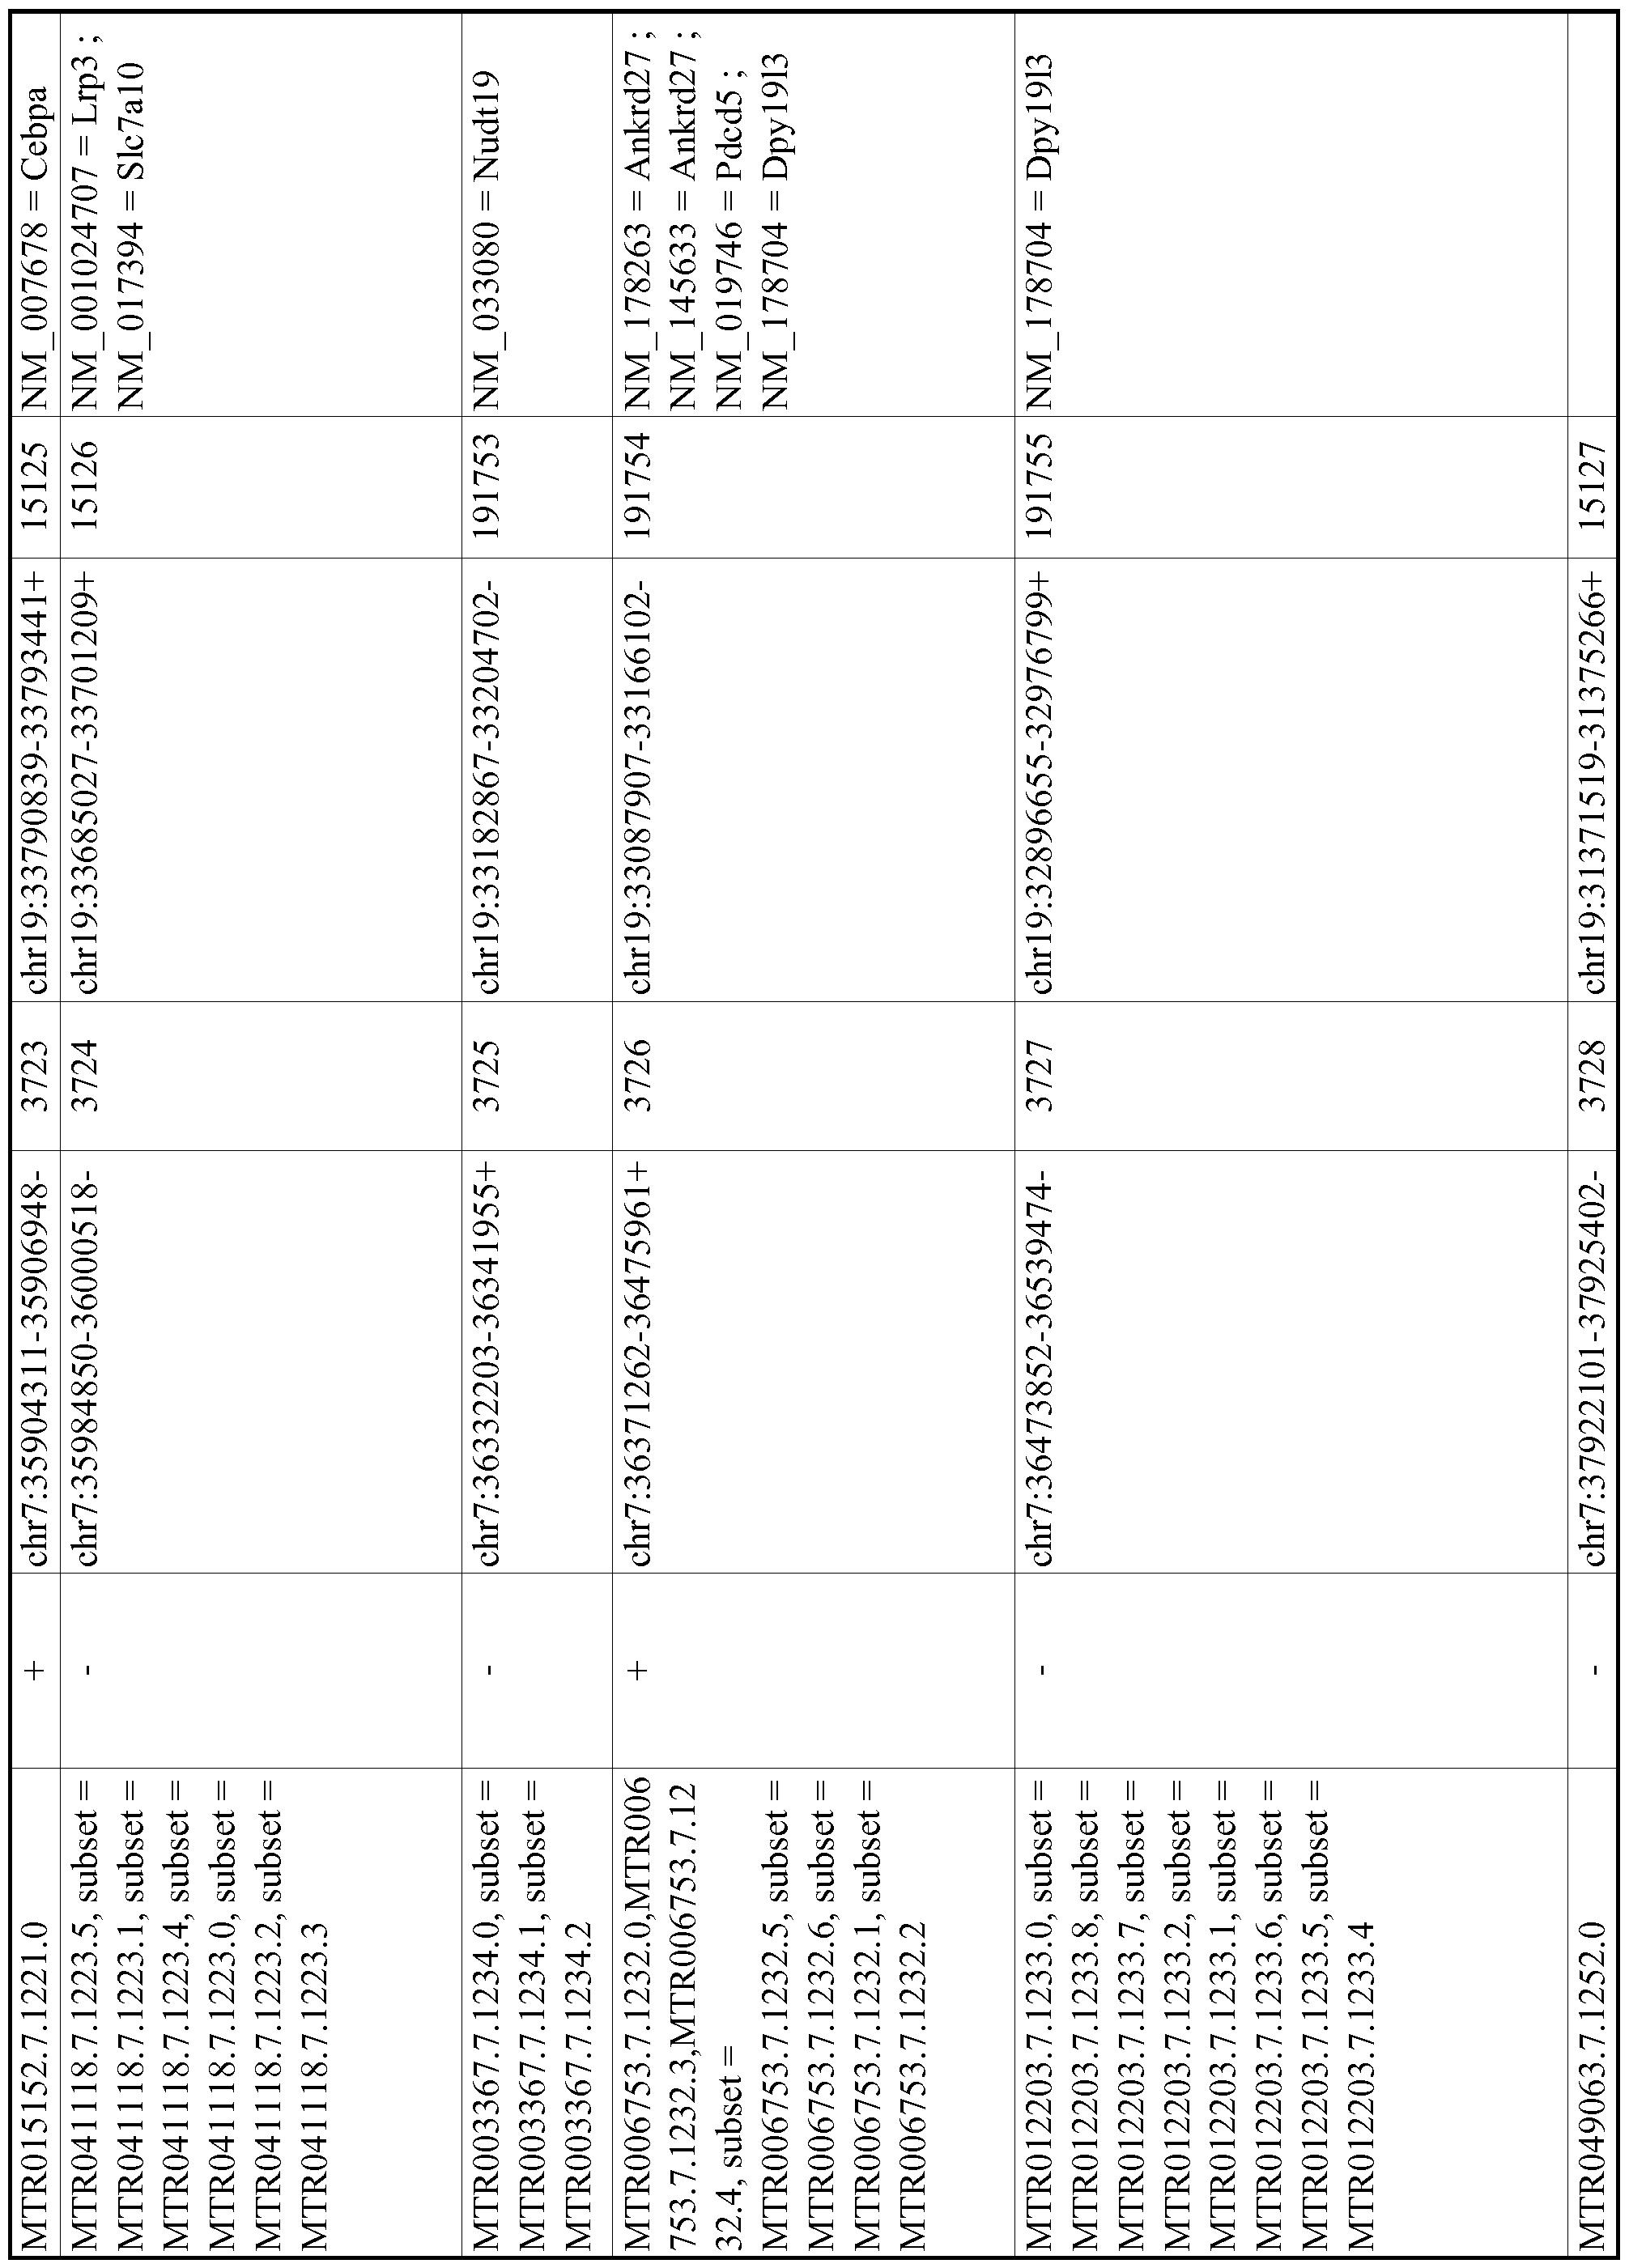 Figure imgf000717_0001